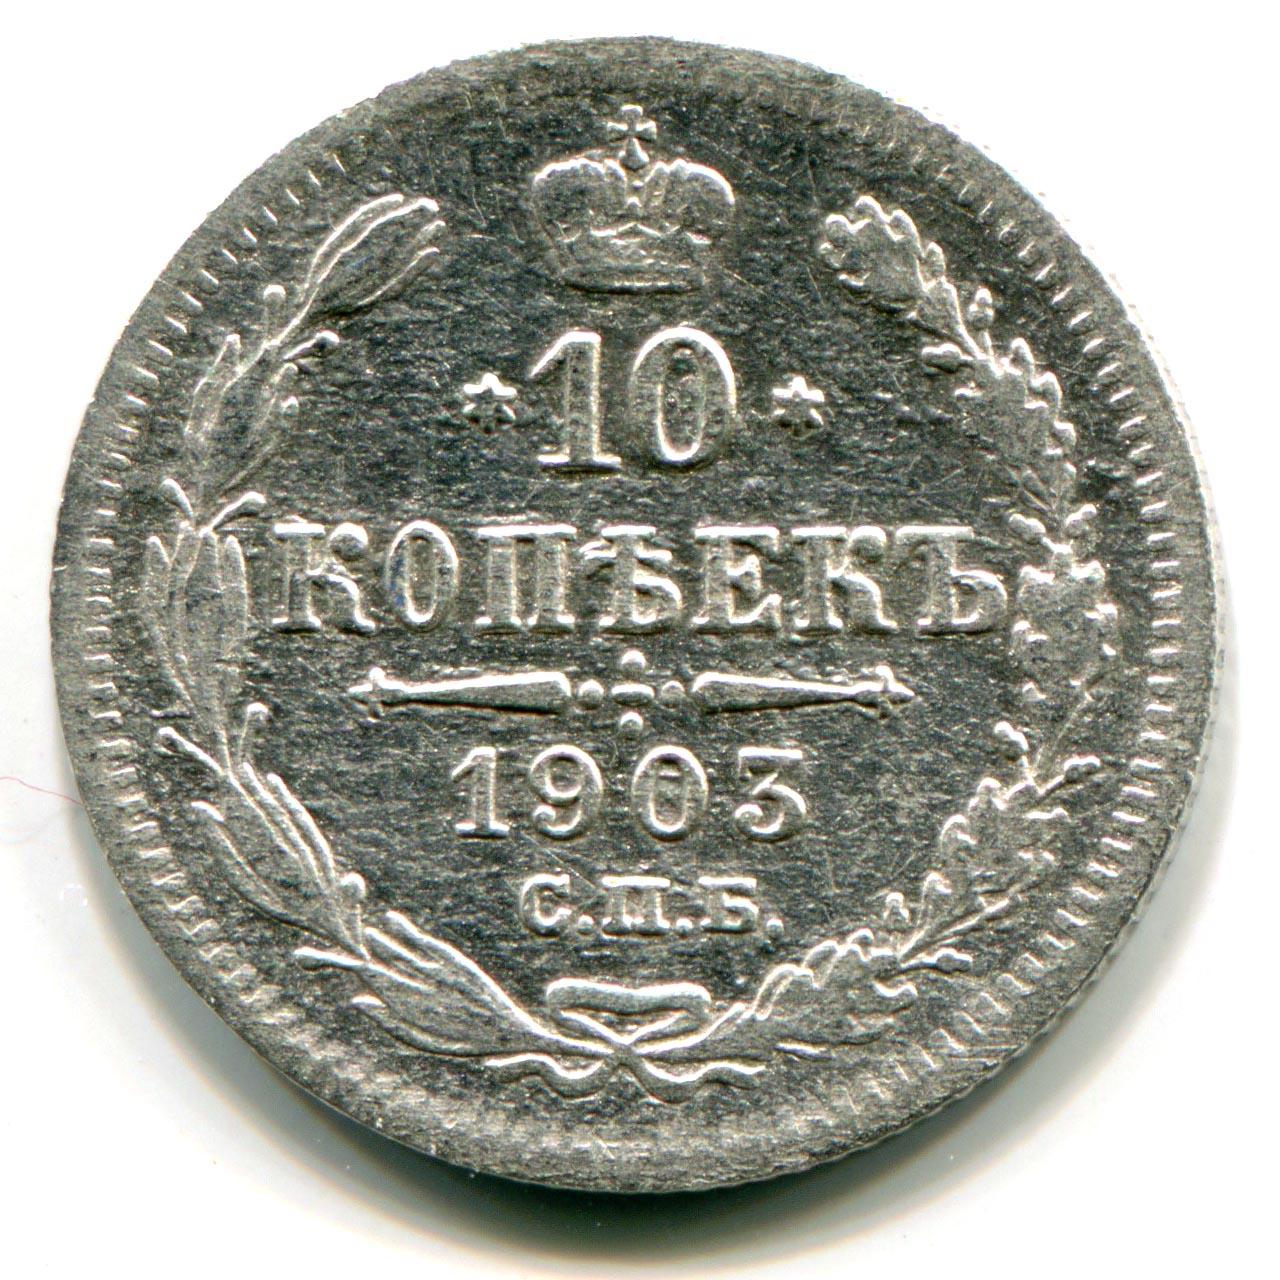 10 копеек 1903 года скупка антиквариат в перми